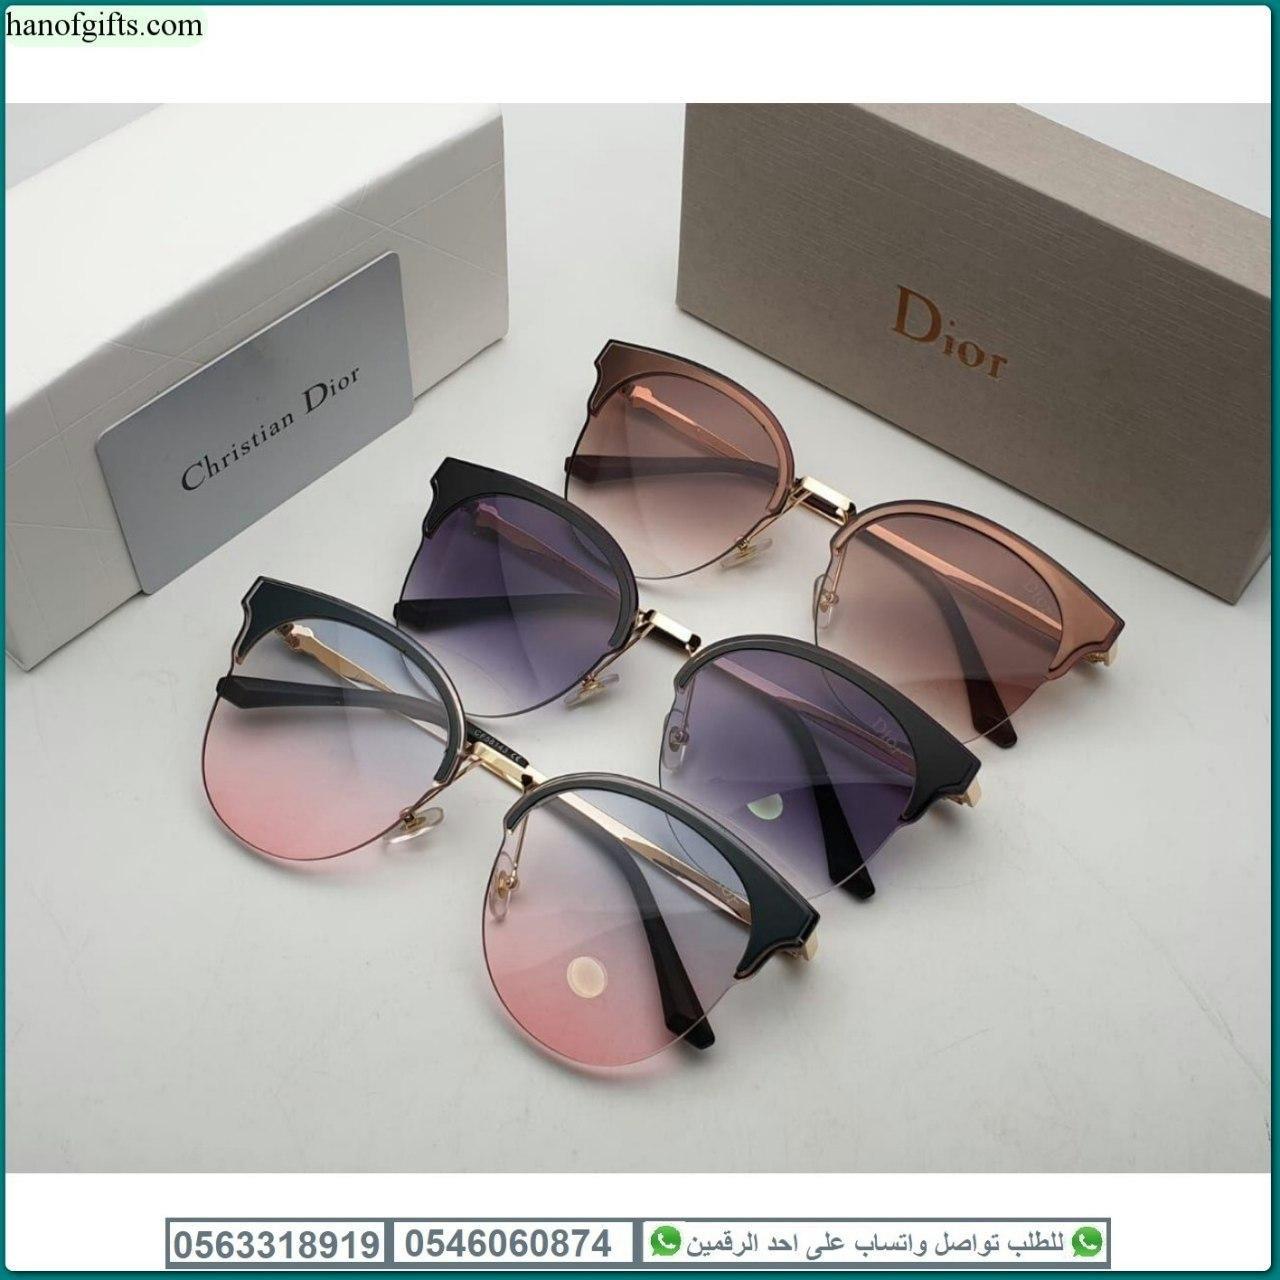 نظارات ديور نسائيه Dior بدرجه اولى مع كامل ملحقاتها و بنفس الاسم هدايا هنوف Women S Accessories Sunglasses Eye Sunglasses